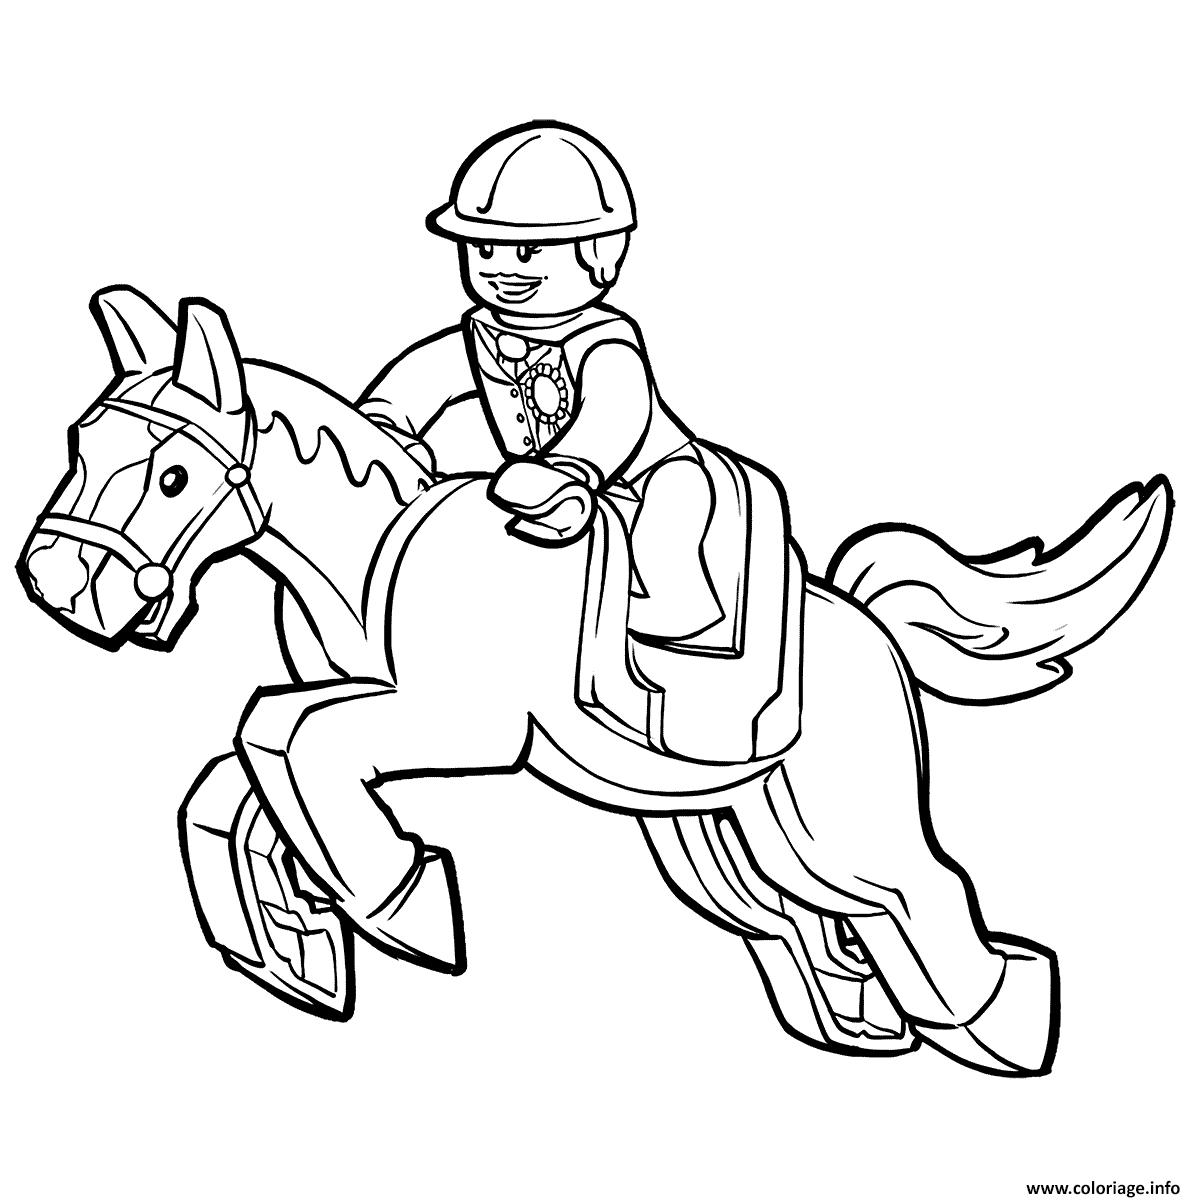 Dessin lego horse Coloriage Gratuit à Imprimer